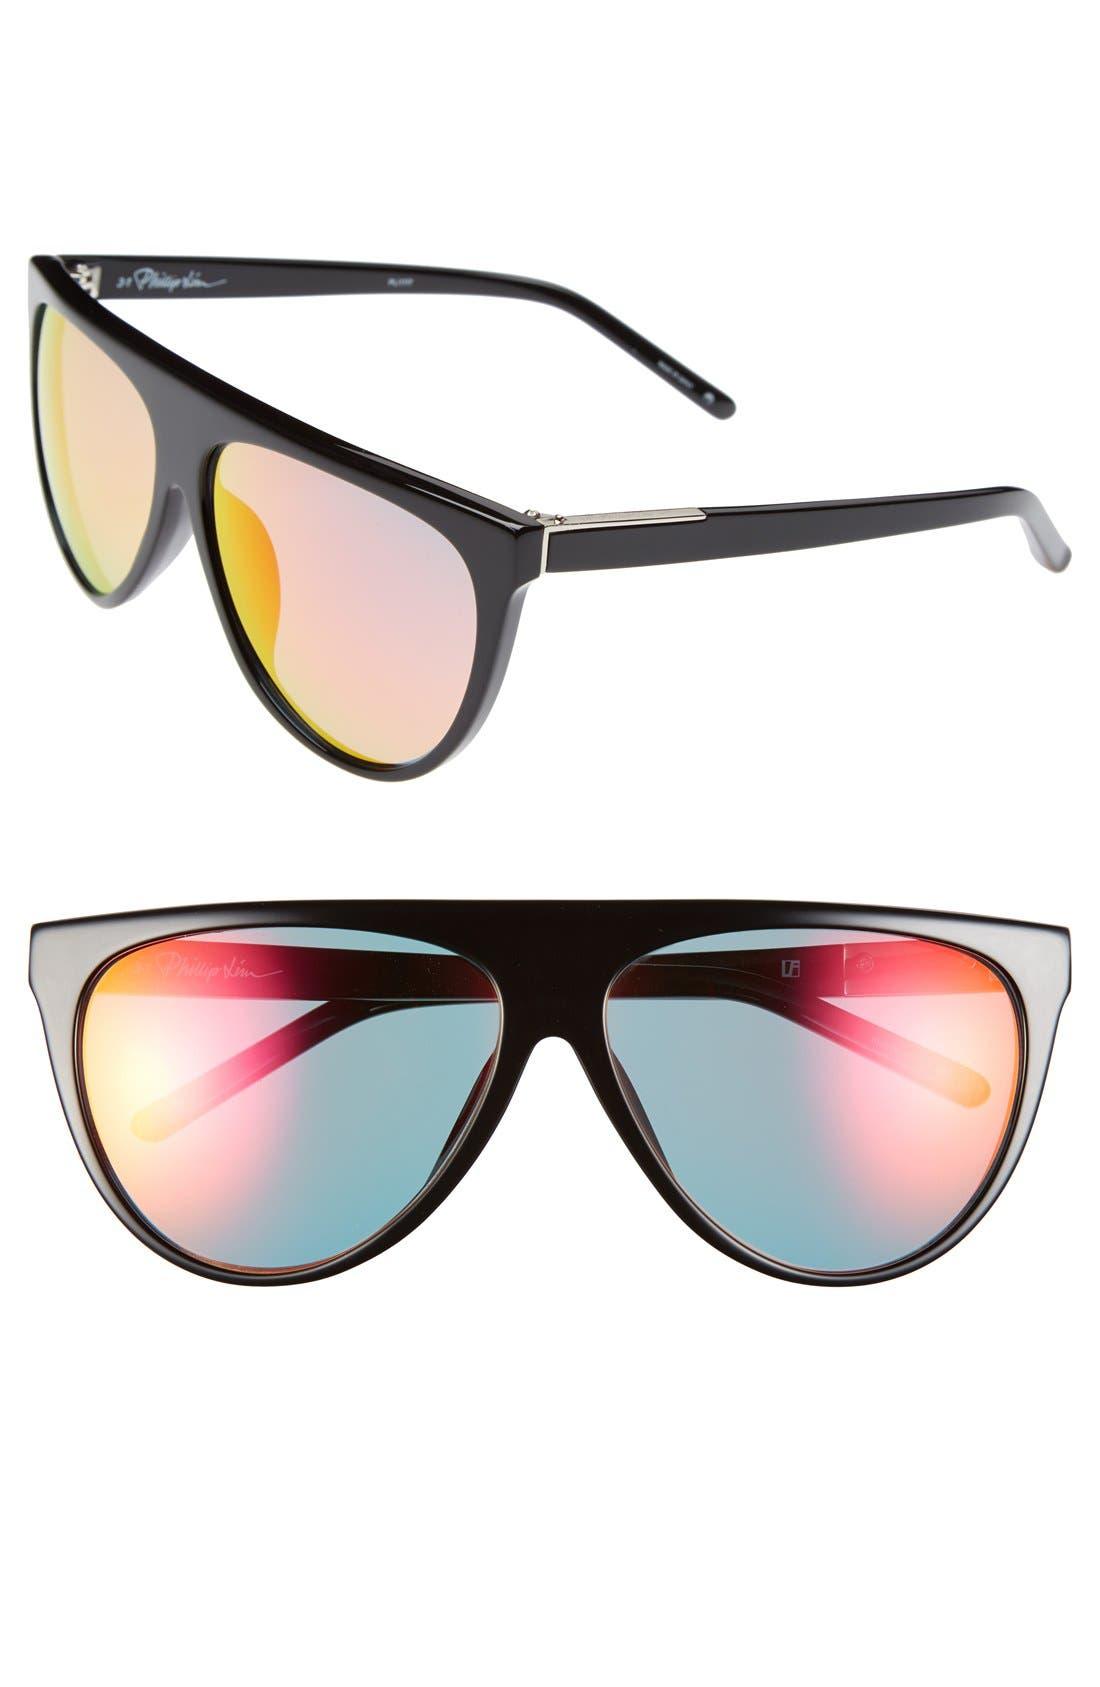 Main Image - 3.1 Phillip Lim 62mm Sunglasses